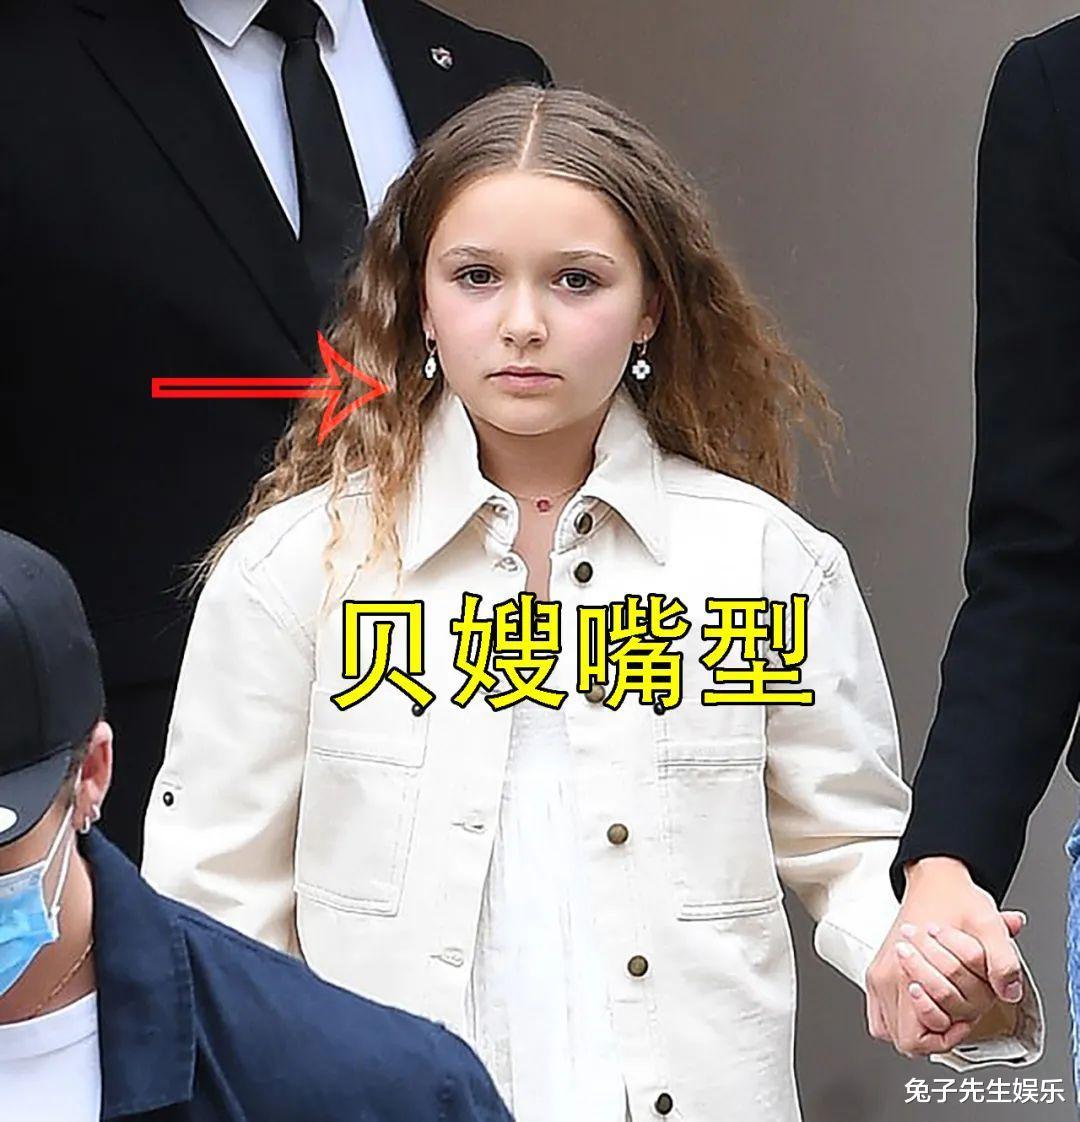 """9岁小七陪新嫂子购物,烫卷发似辣妹,继承妈妈""""猩猩嘴""""太酷了插图6"""